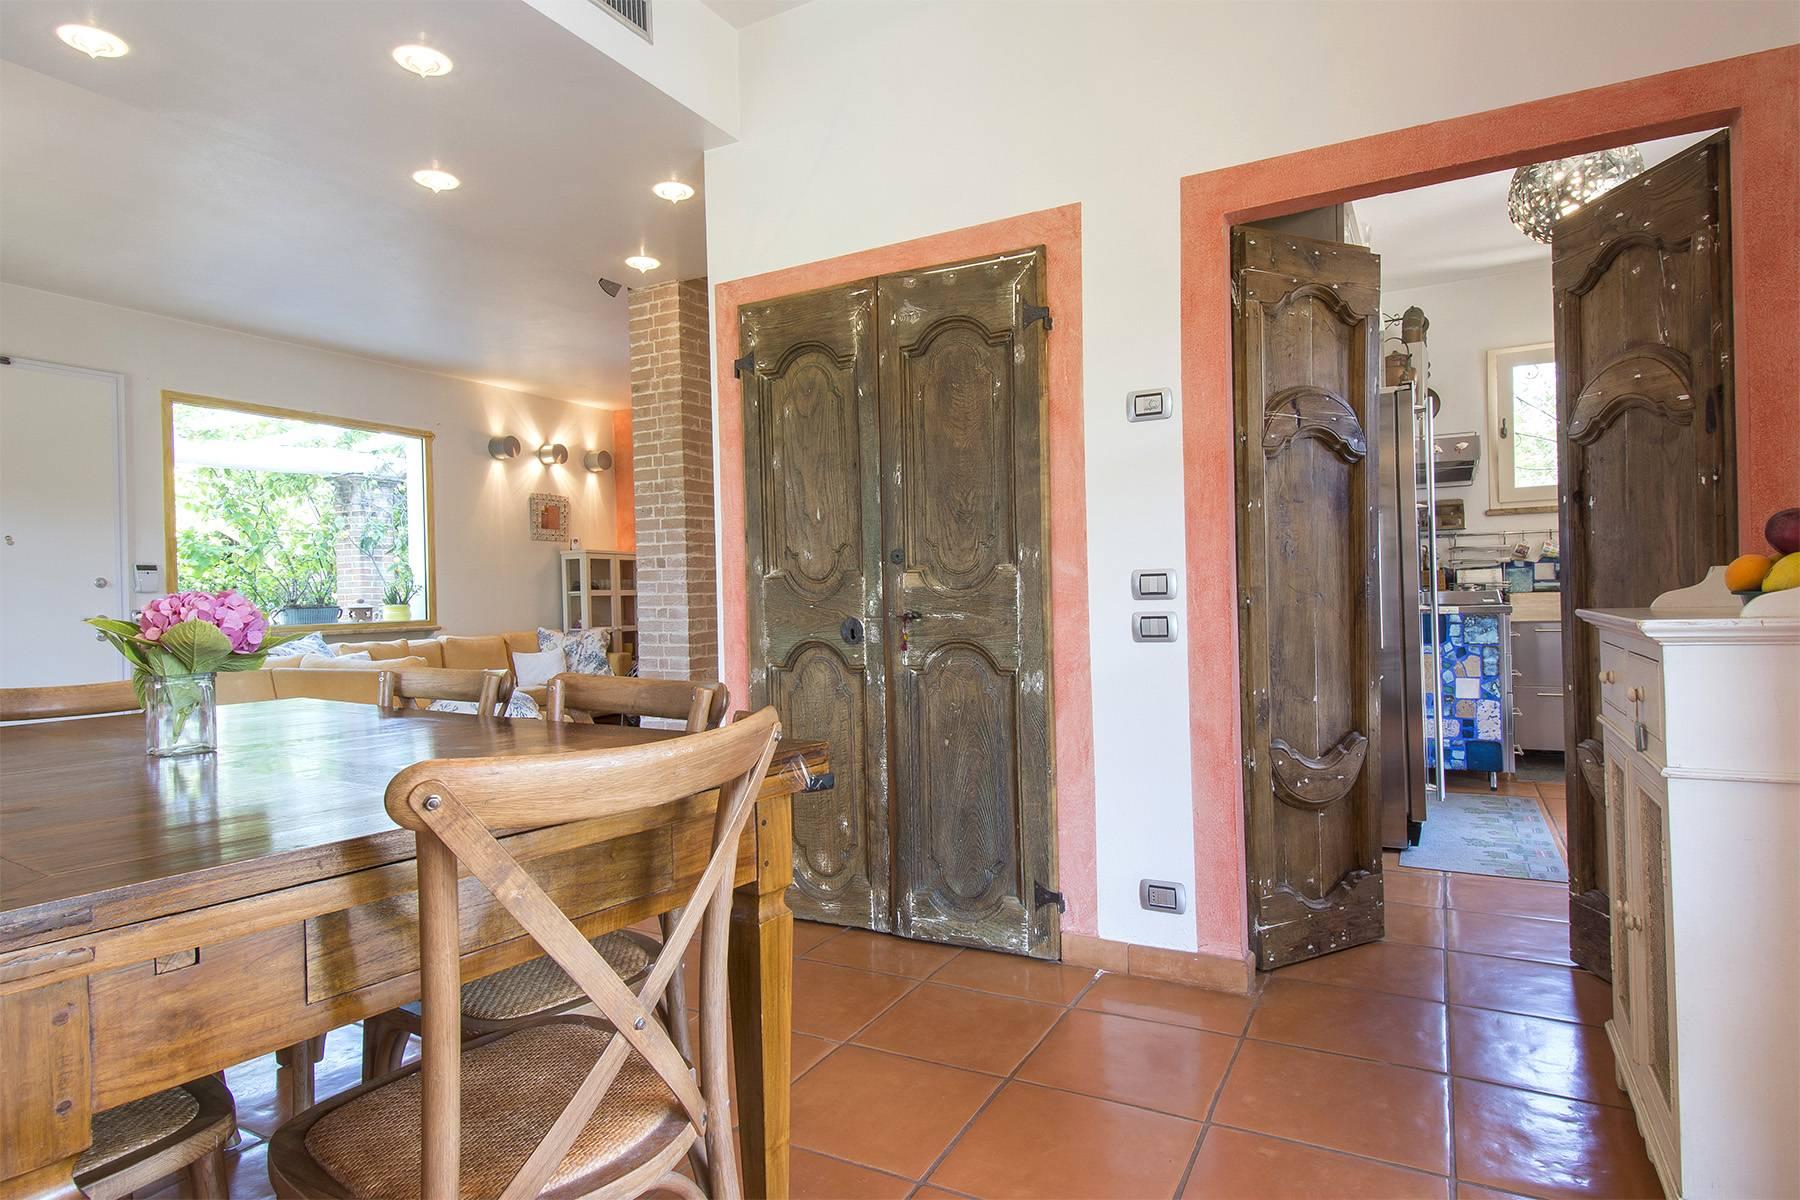 Casa indipendente in Vendita a Pietrasanta: 5 locali, 180 mq - Foto 6